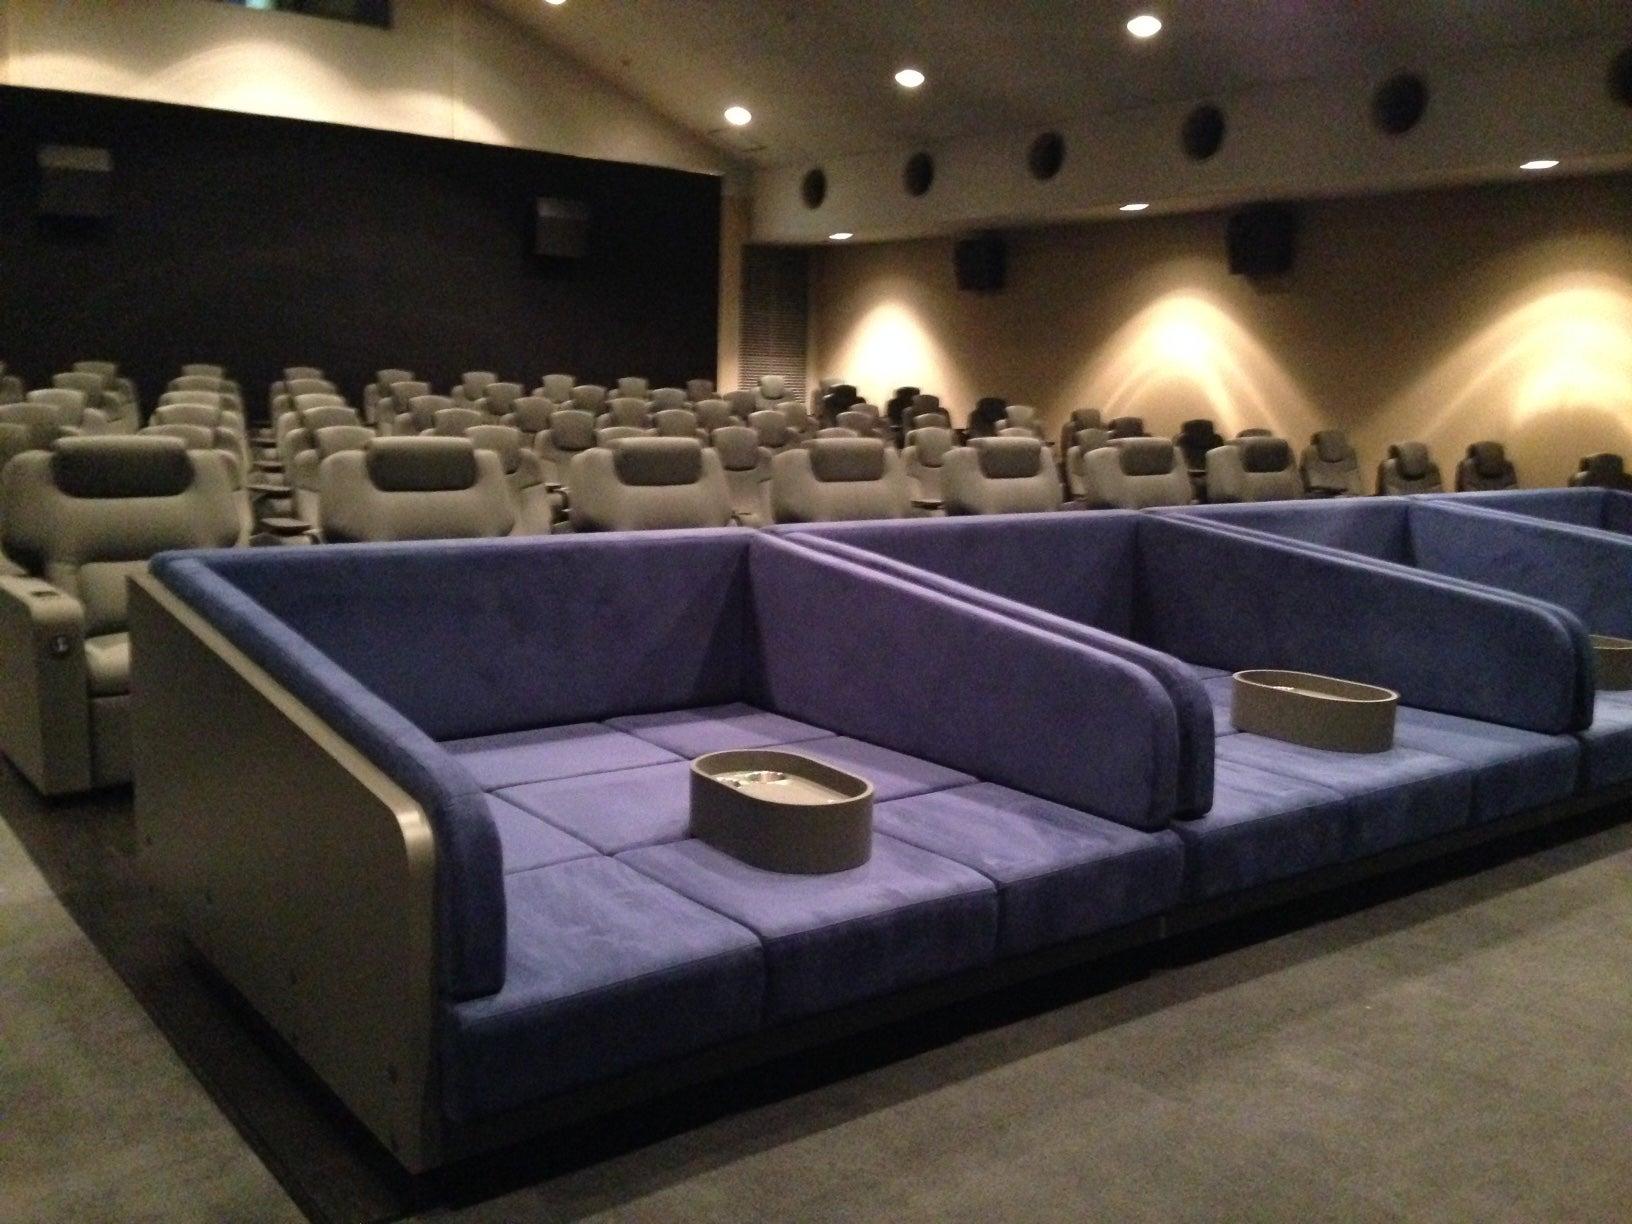 【画像】映画館のカップルシートってなんかHじゃね??